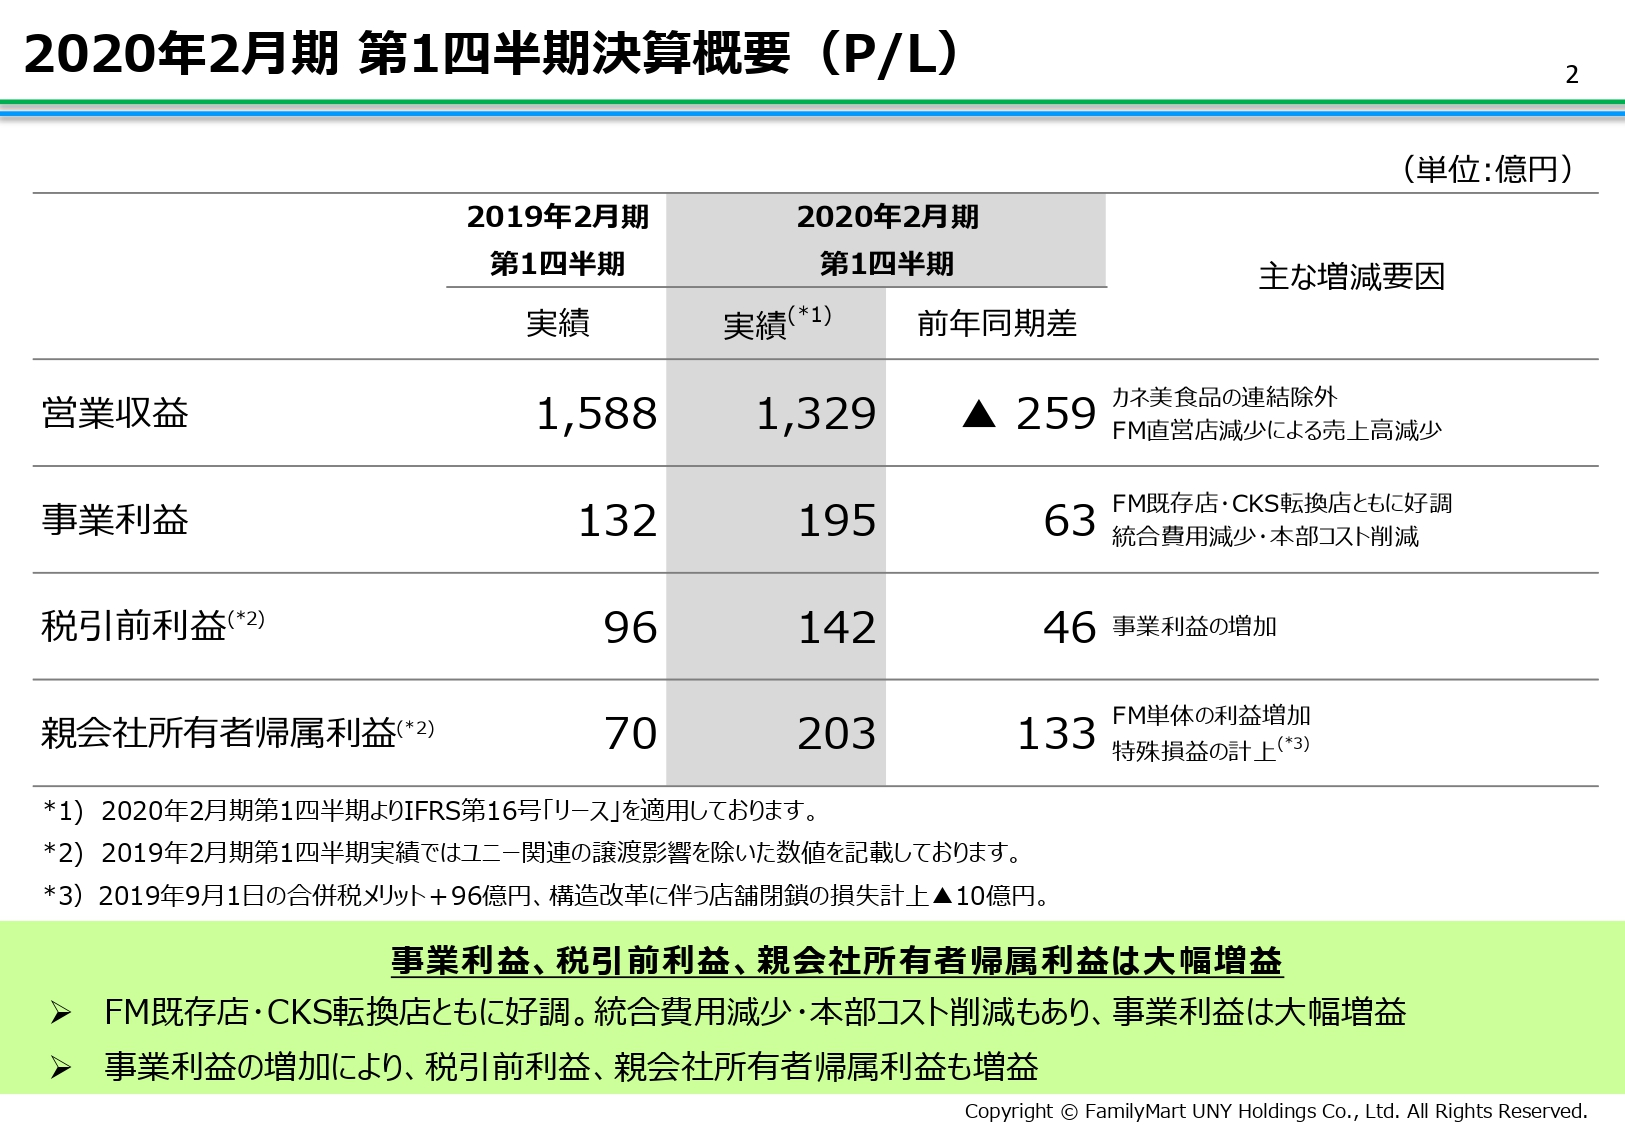 ユニー・ファミマHD、カネ美食品の連結除外やFM直営店の減少による売上低下で営業益が259億円減